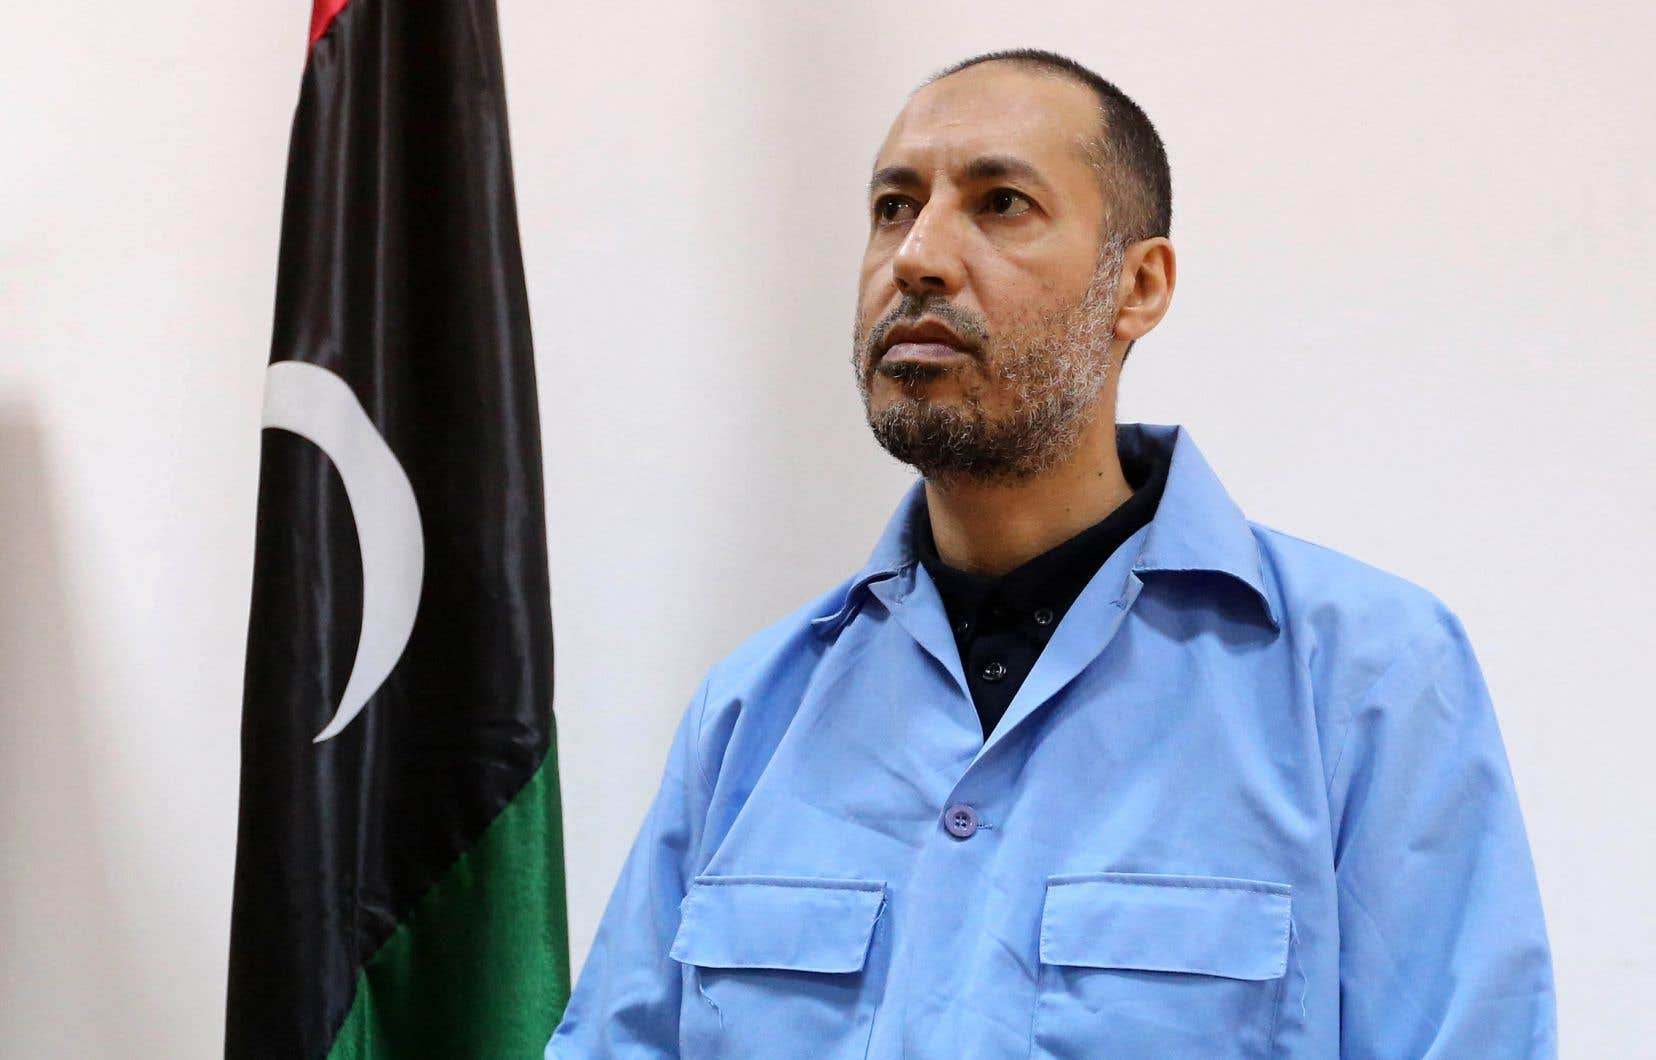 Sur cette photo prise le 13 mars 2016, Saadi Kadhafi, le fils du dictateur libyen assassiné Mouammar Kadhafi, attend son procès dans un palais de justice de la capitale libyenne Tripoli.